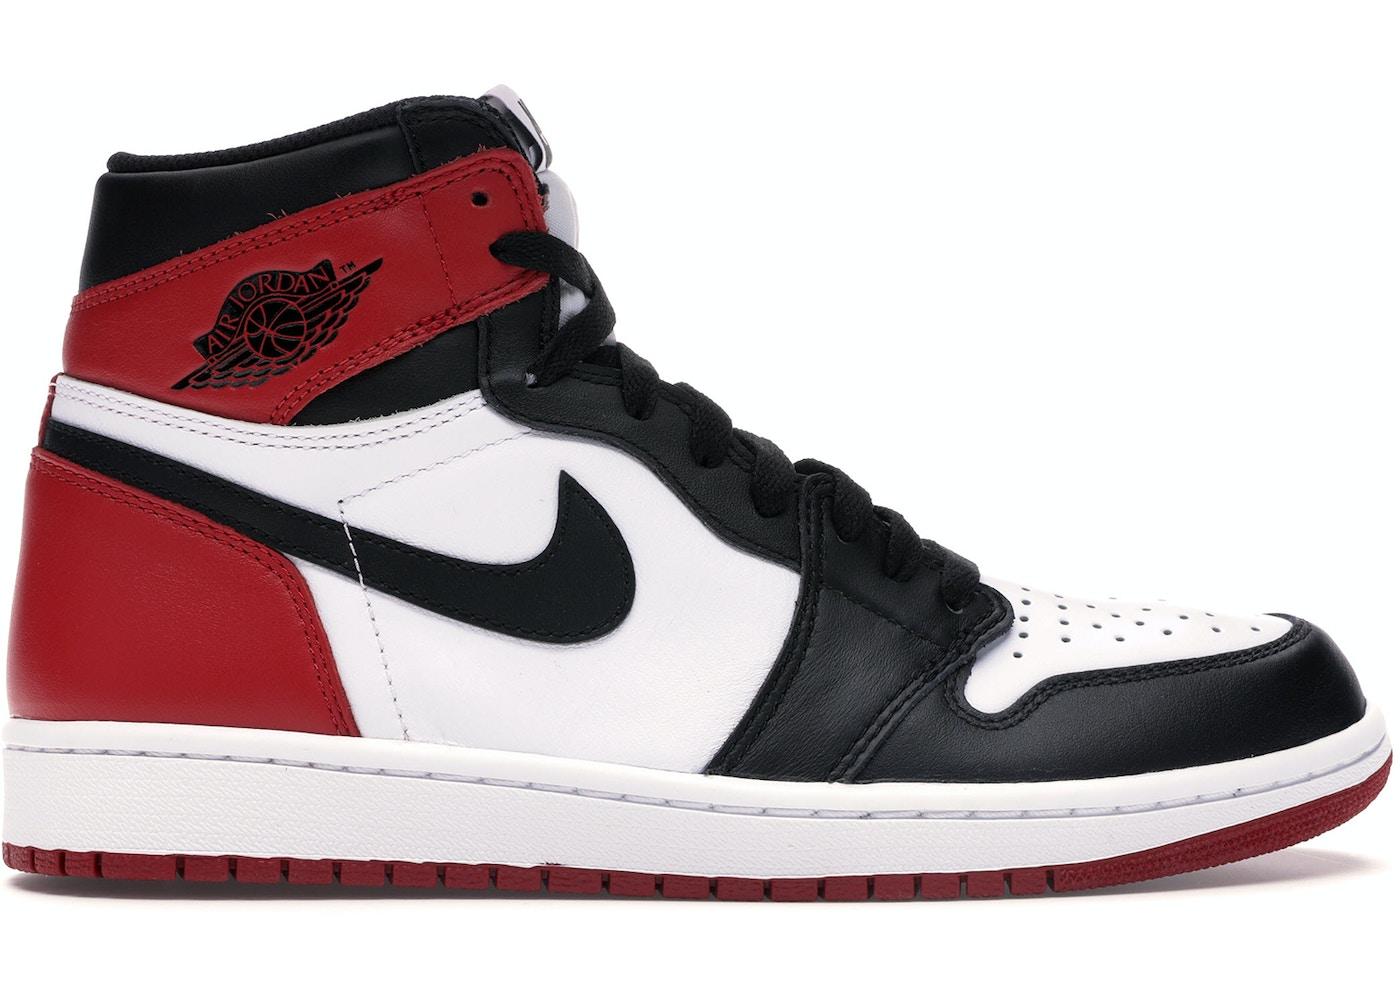 buy popular 959db 799b2 Jordan 1 Retro Black Toe (2016)